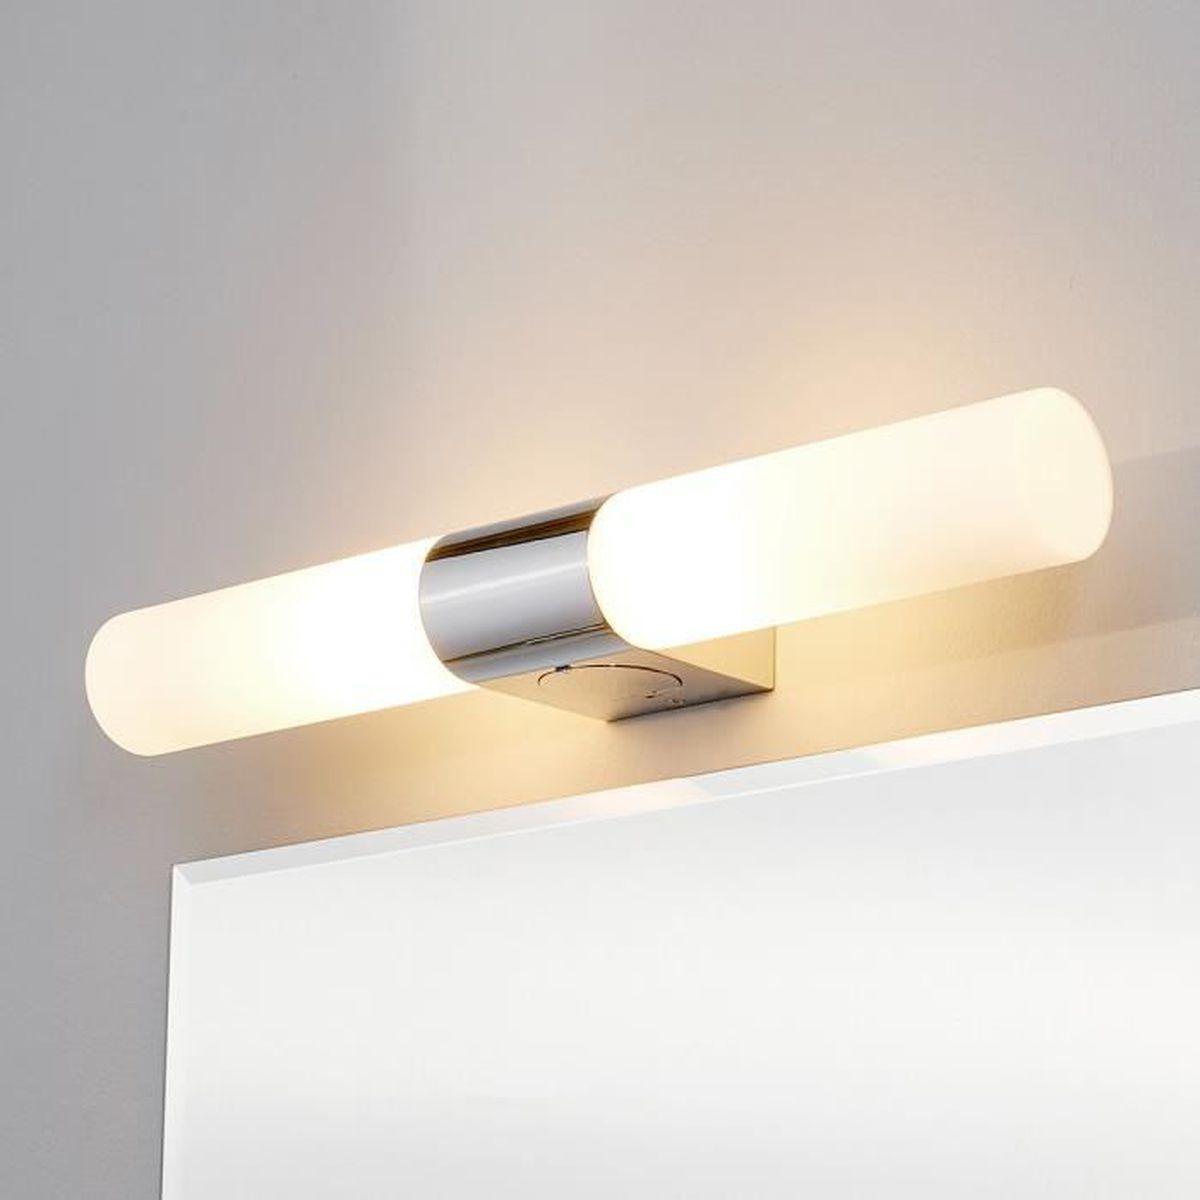 luminaire salle de bain avec prise achat vente luminaire salle de bain avec prise pas cher. Black Bedroom Furniture Sets. Home Design Ideas